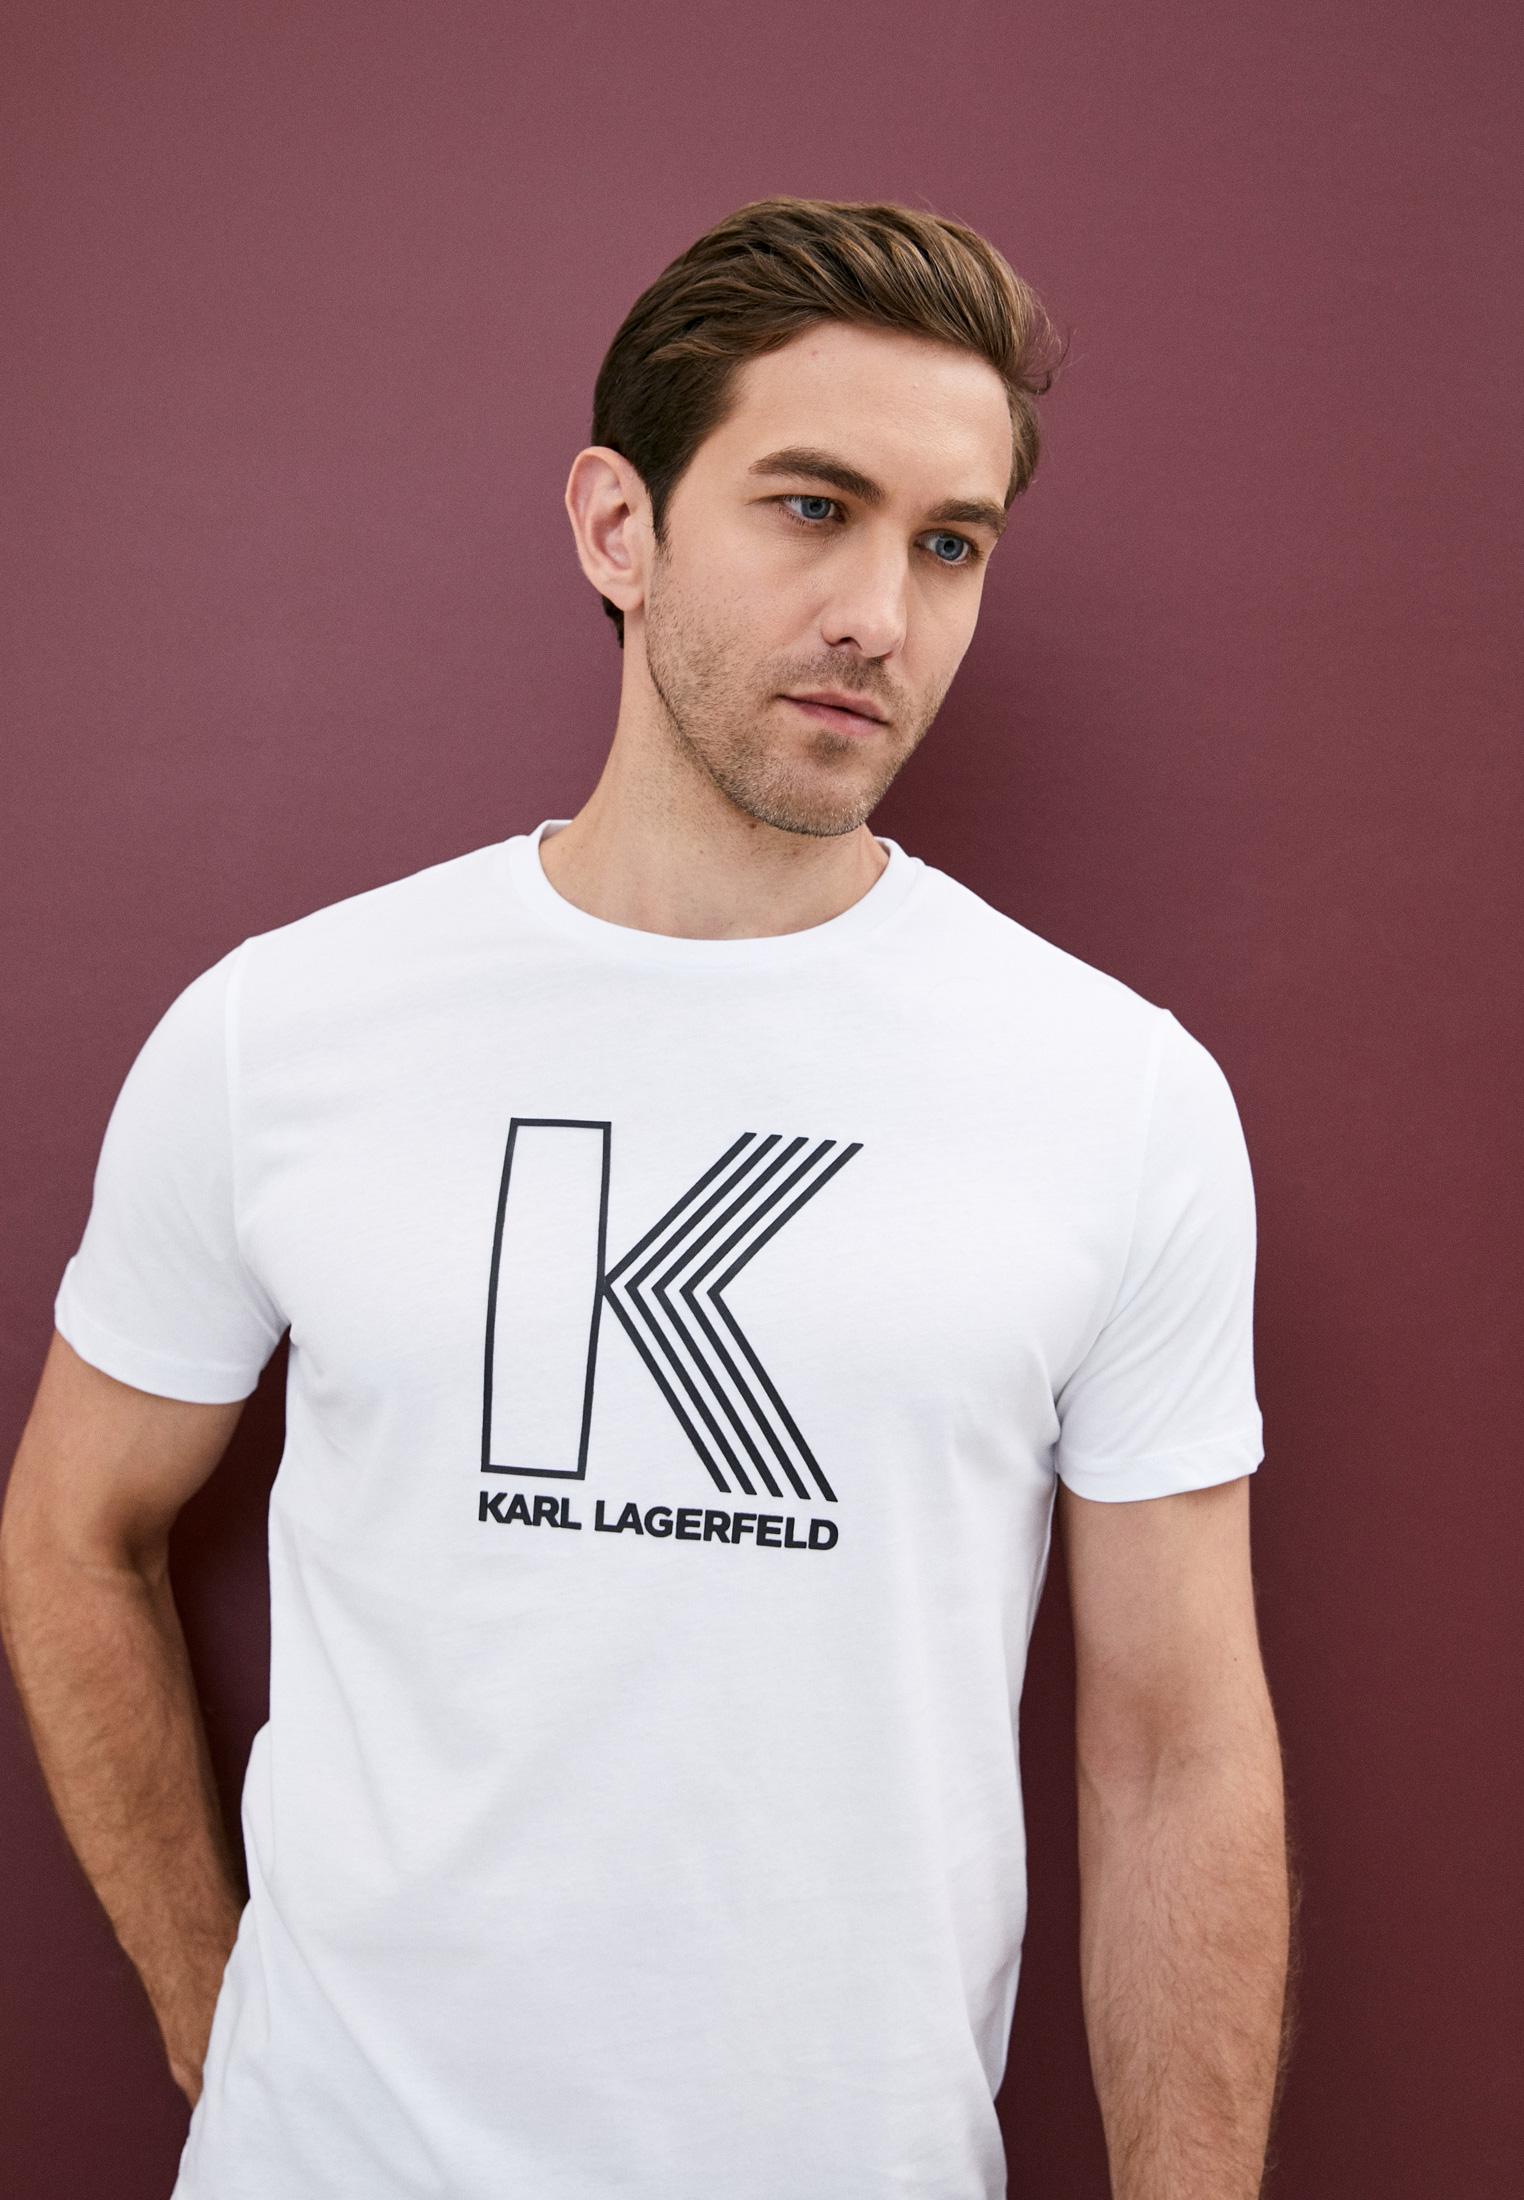 Мужская футболка Karl Lagerfeld (Карл Лагерфельд) 755032-502224